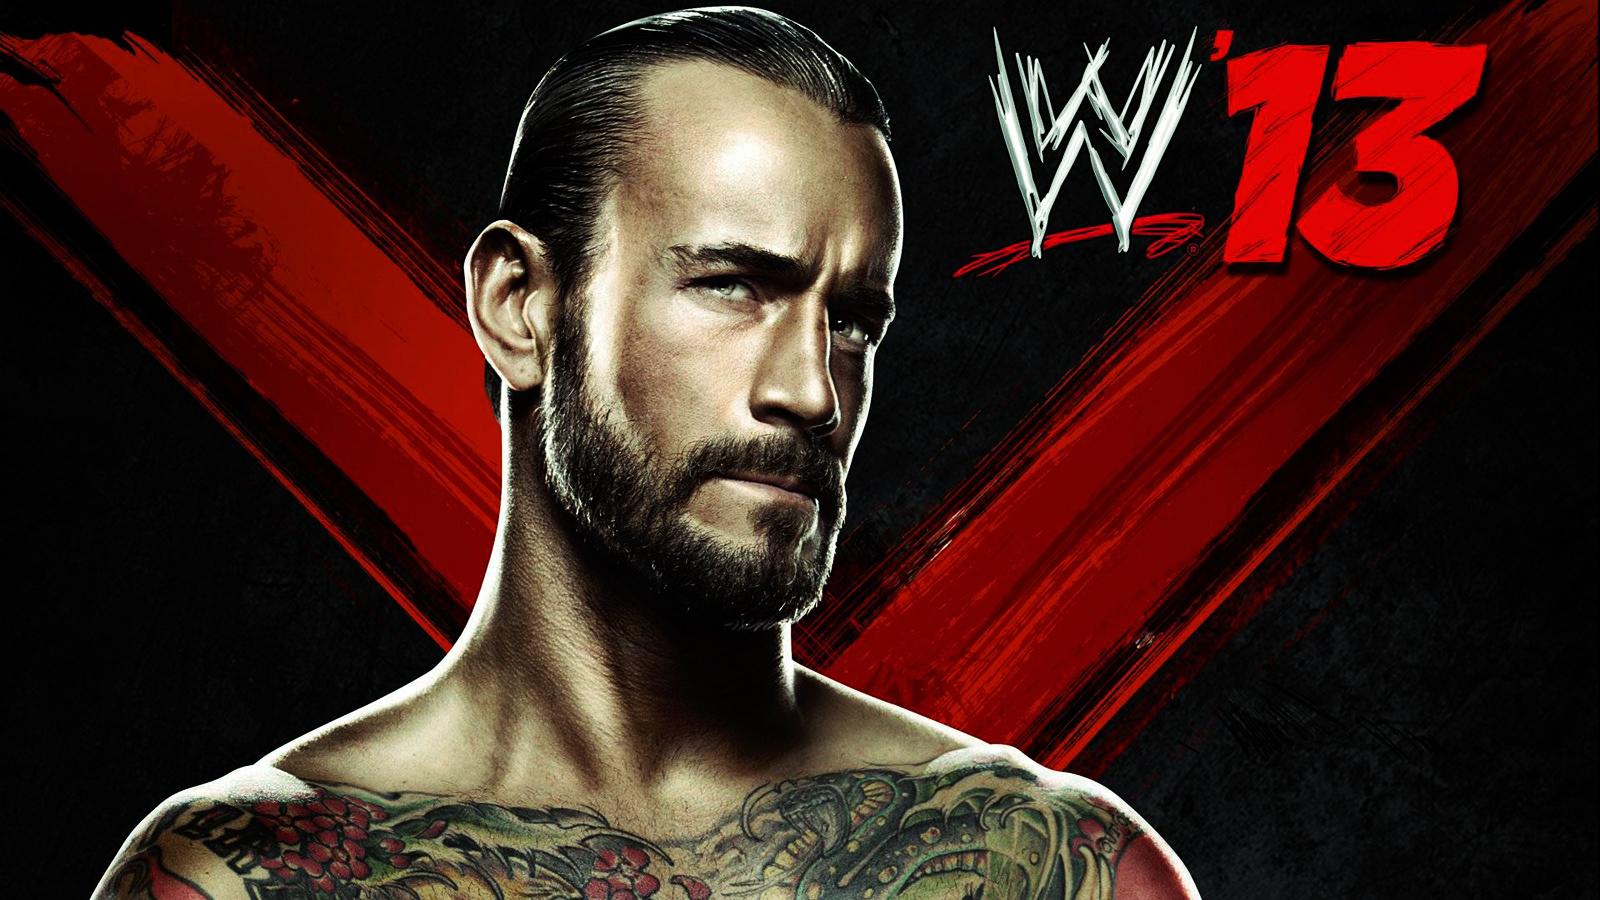 http://3.bp.blogspot.com/-R9ljZY7P8lA/UI77GB8t2gI/AAAAAAAAFtg/cljJsZ0pFw0/s1600/WWE-13-Wrestler-HD-Wallpaper_GameWallBase.Com.jpg